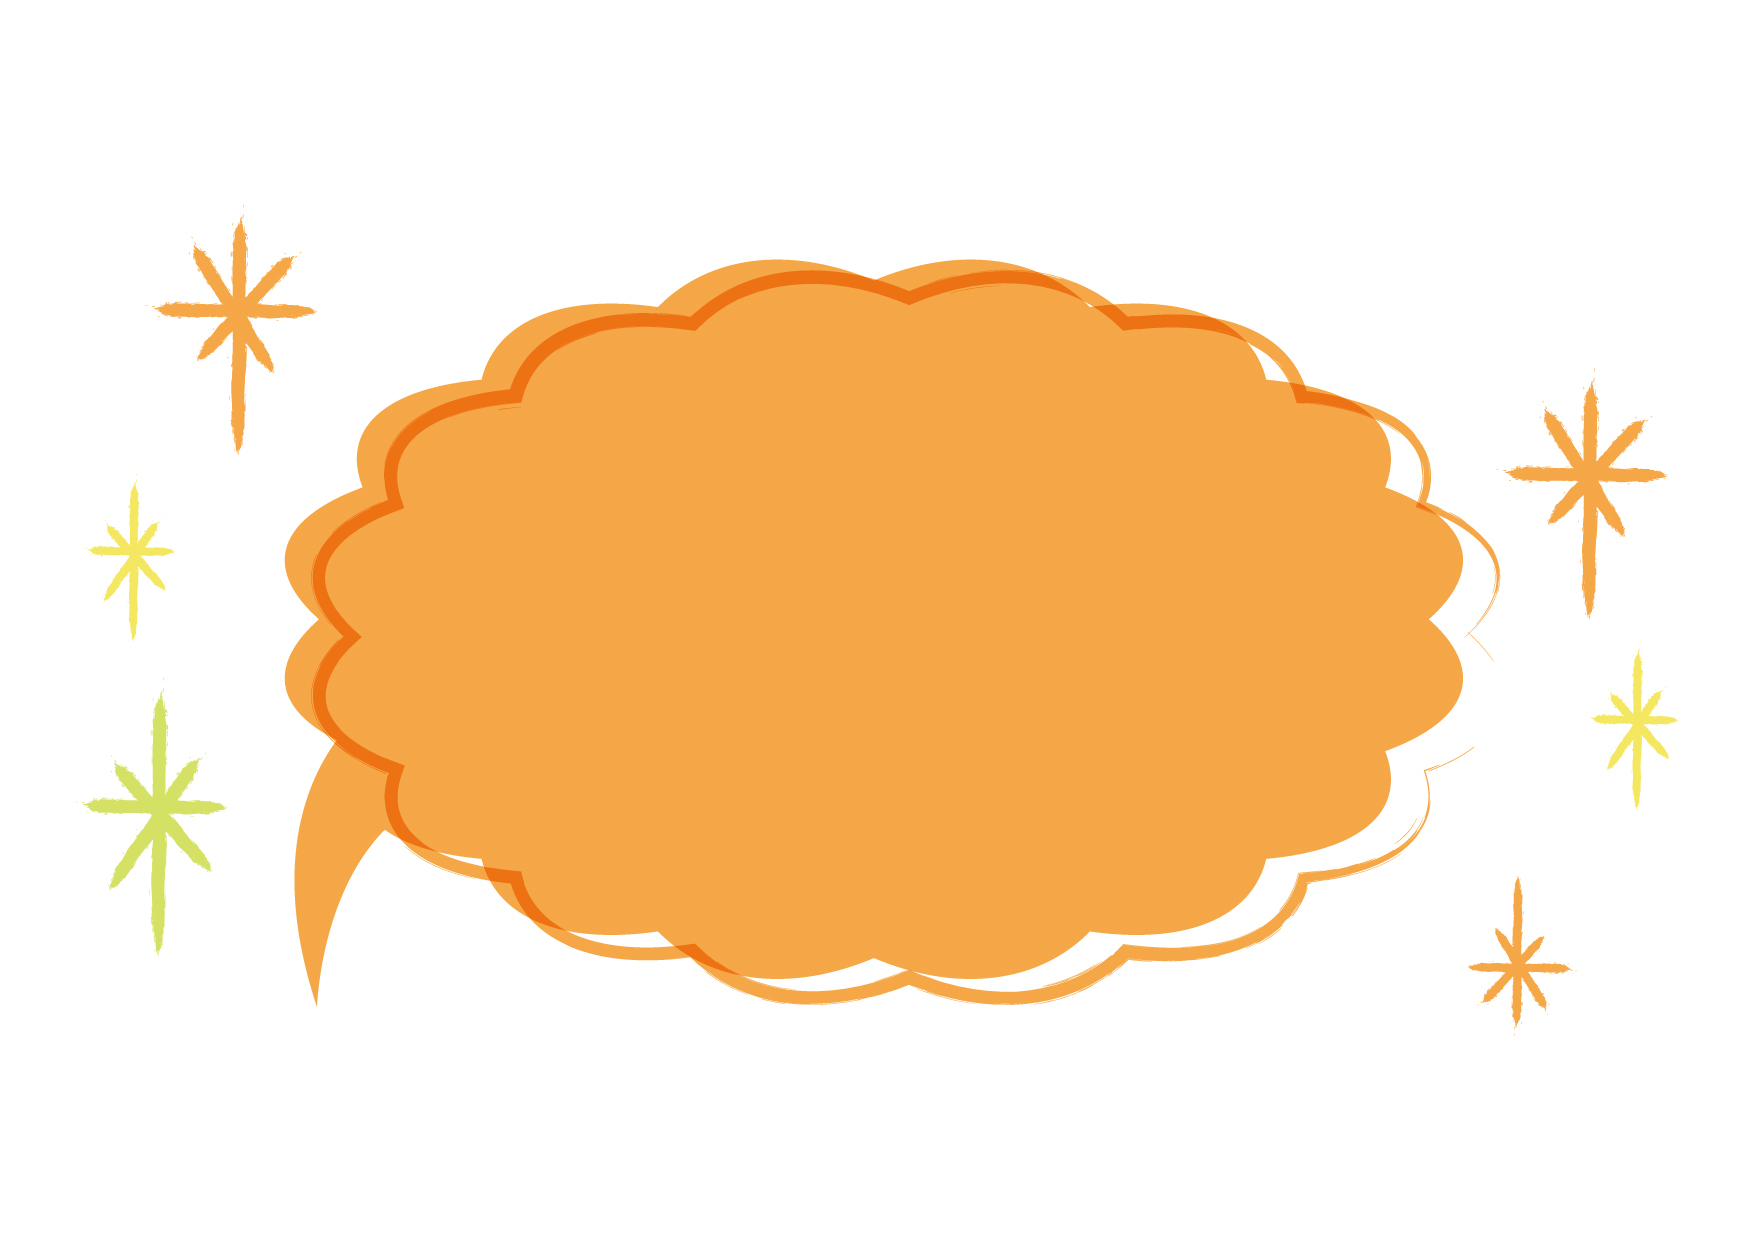 可愛いイラスト無料|吹き出し オレンジ色 背景 − free illustration Speech bubble orange background